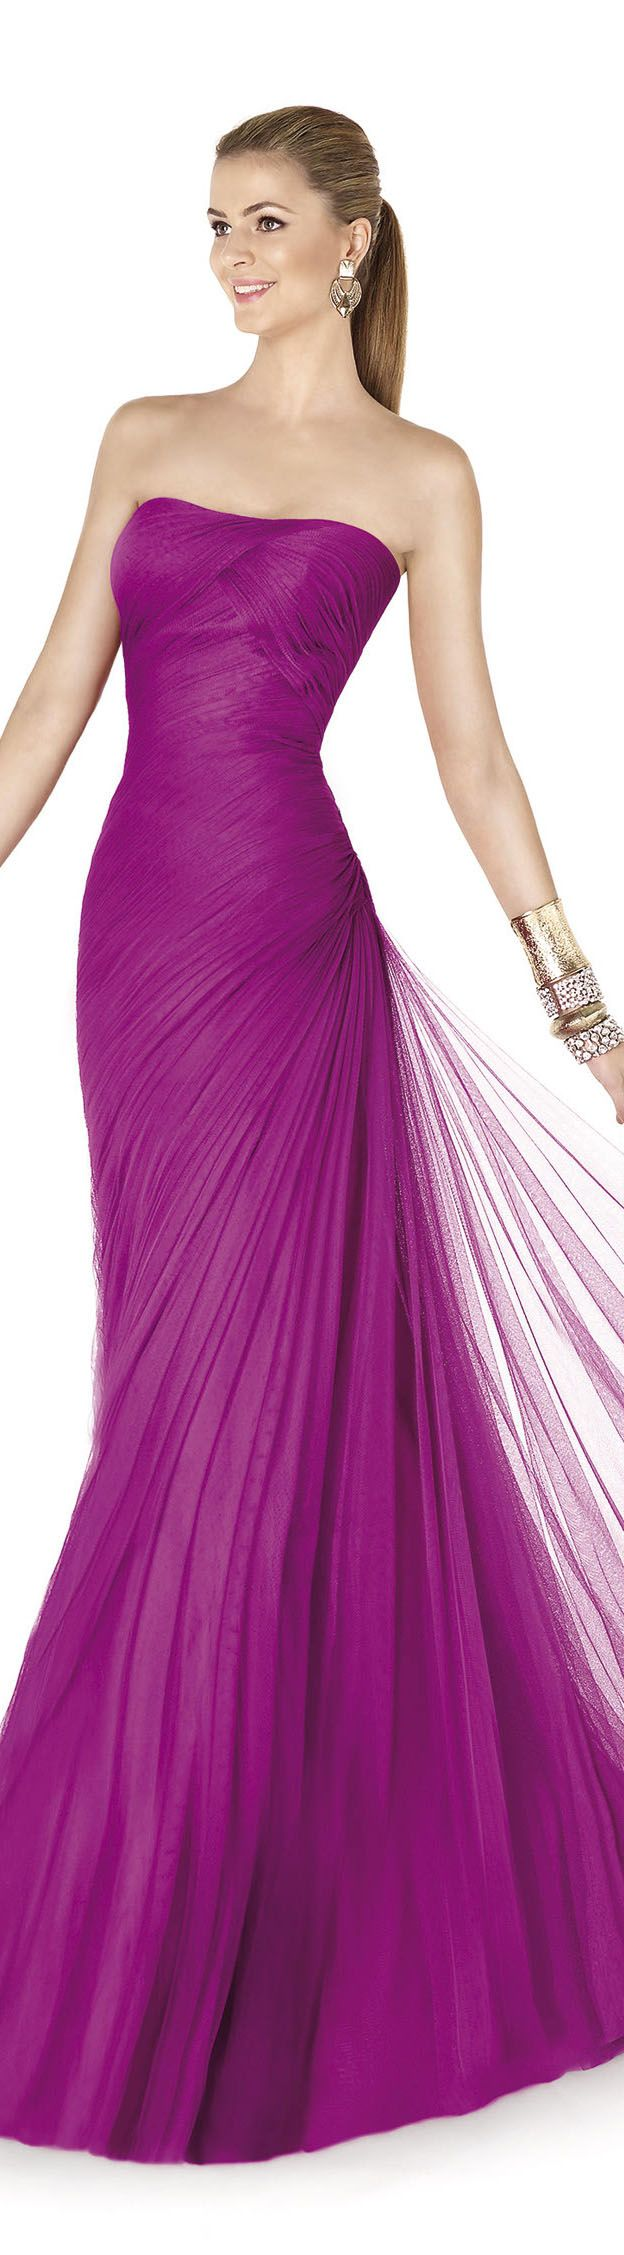 Las mejores Más de 75 imágenes de Dresses for bridesmaids and ...